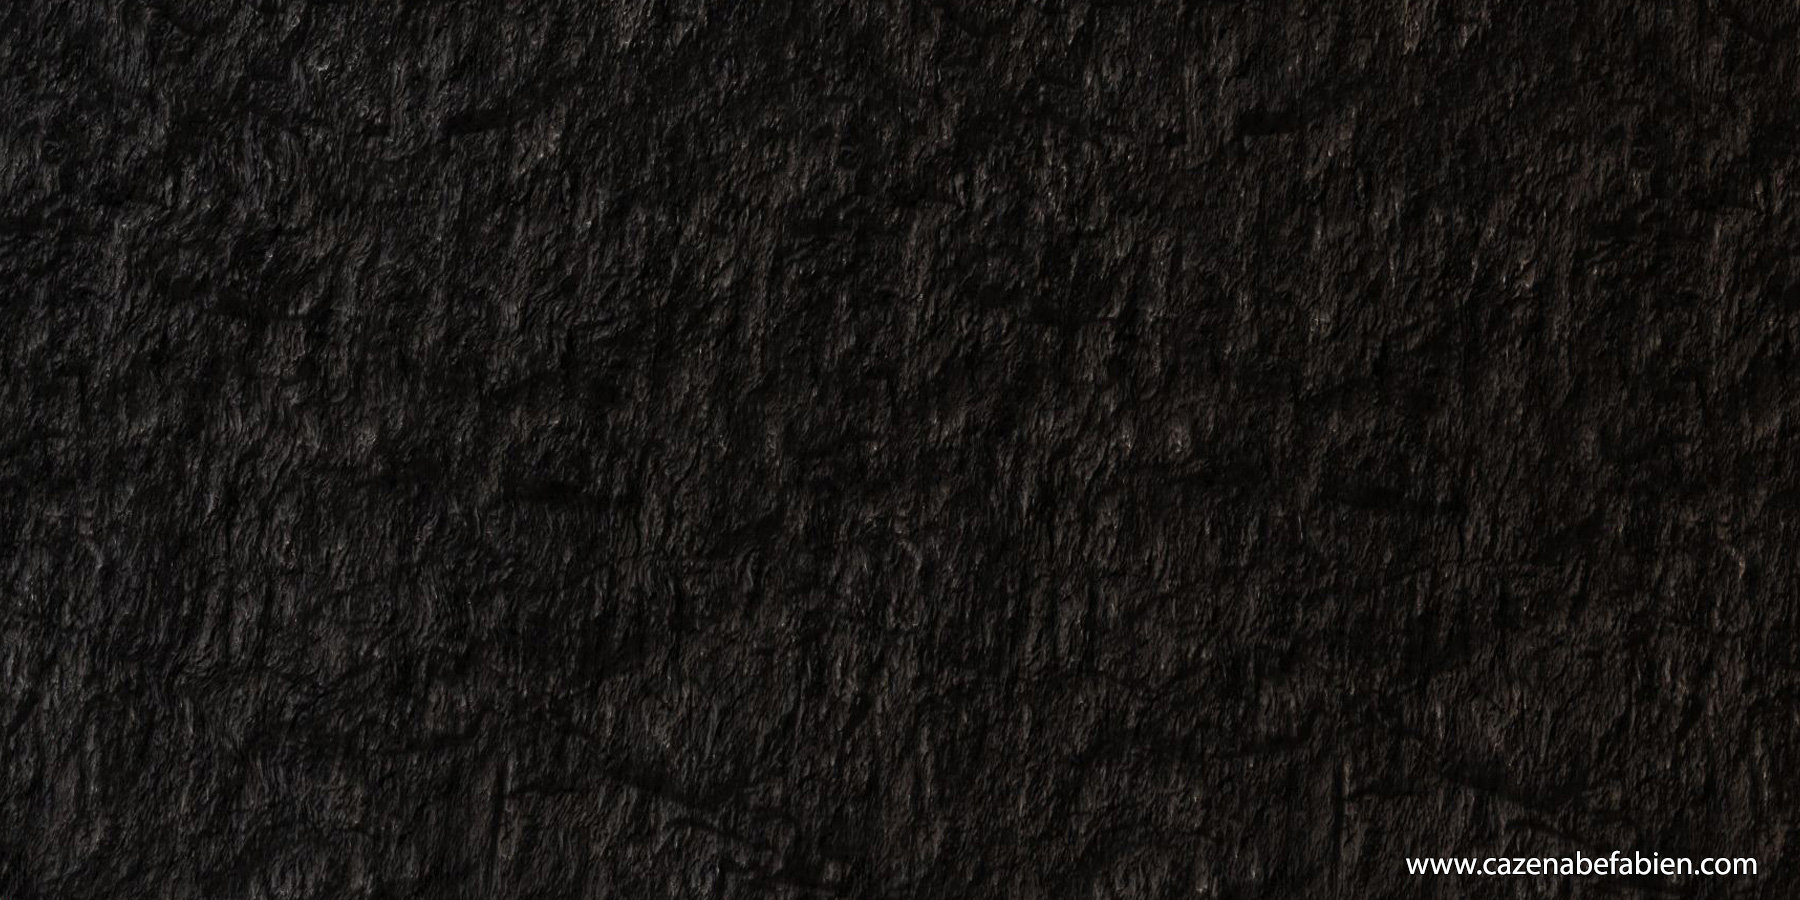 Fabien cazenabe roch tesselation 02